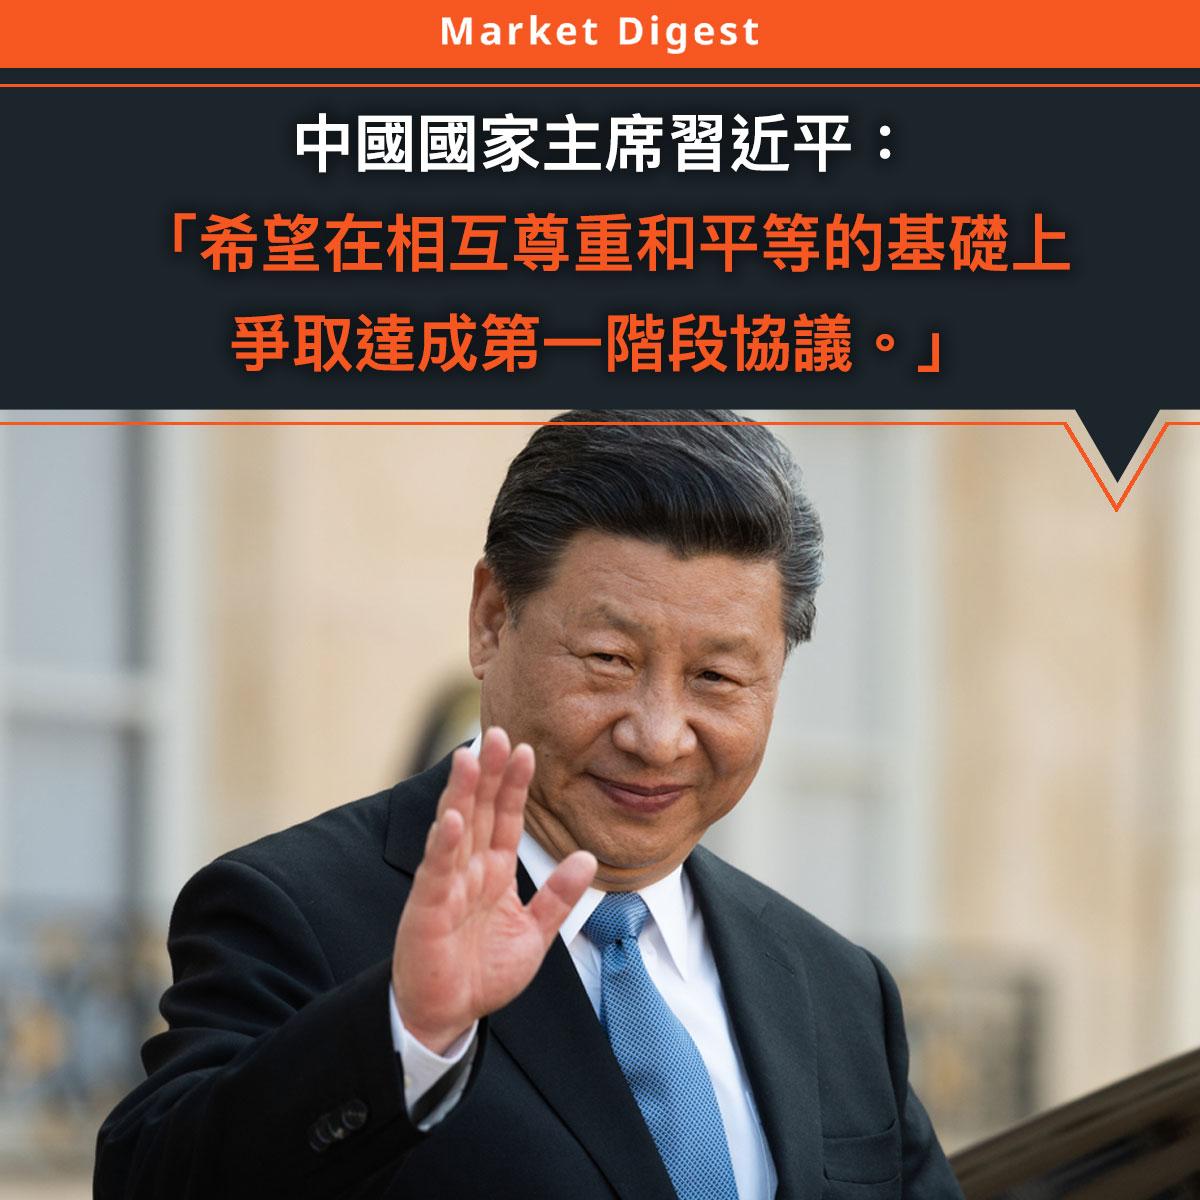 【中美貿易戰】中國國家主席習近平: 「希望在相互尊重和平等的基礎上 爭取達成第一階段協議。」